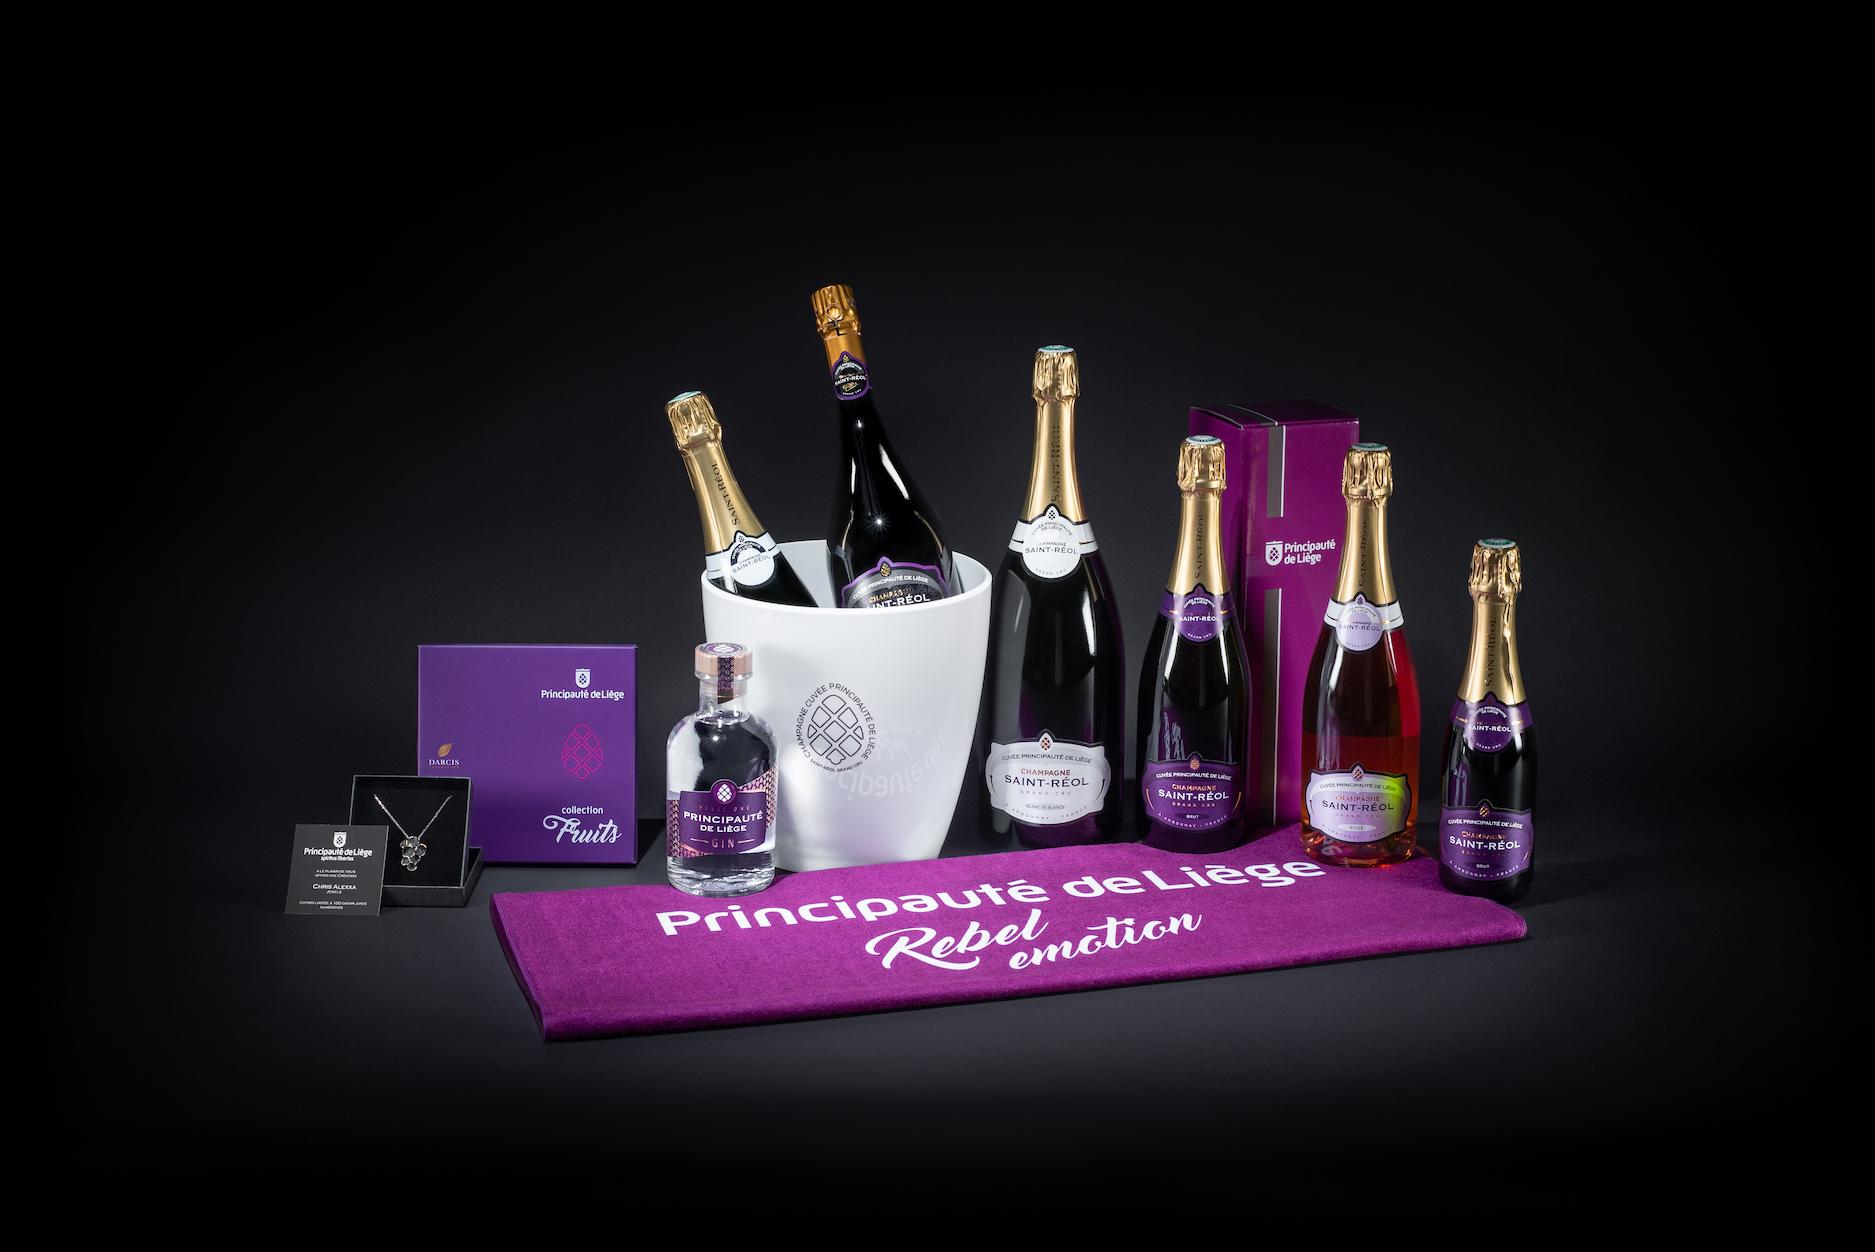 la gamme de produits Principauté de Liège